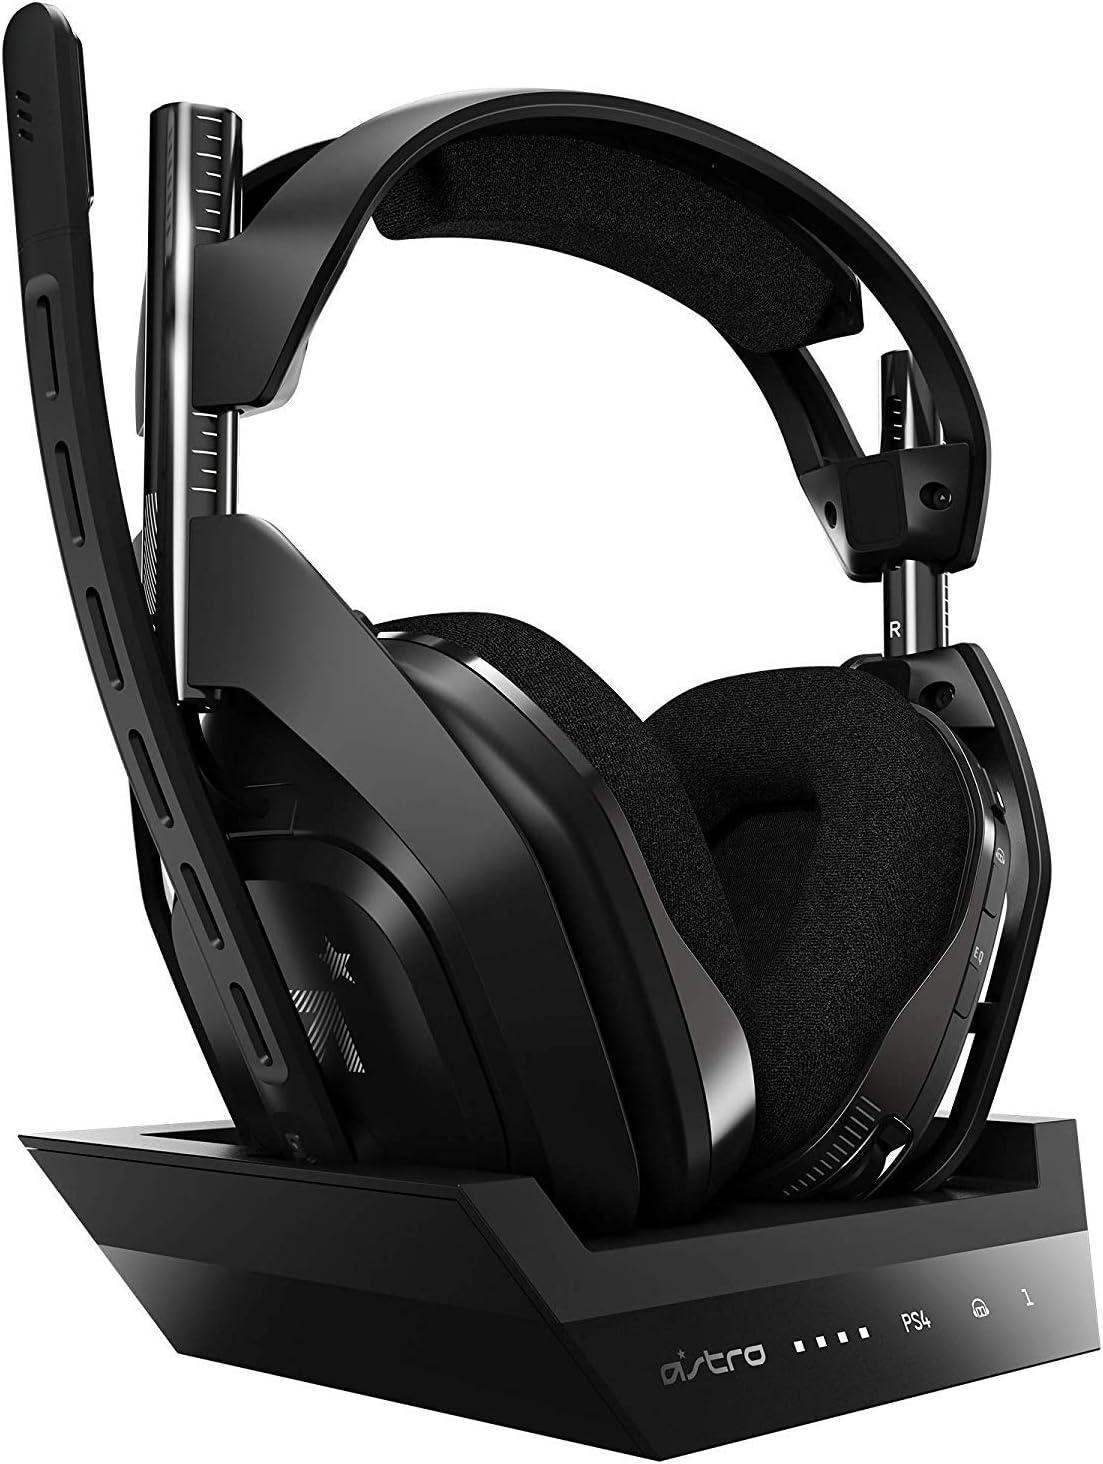 Astro Gaming A50 Auriculares inalámbricos + Estación base, Cuarta generación con Dolby Audi, Per PS4,PC, Mac, Negro/Plateado